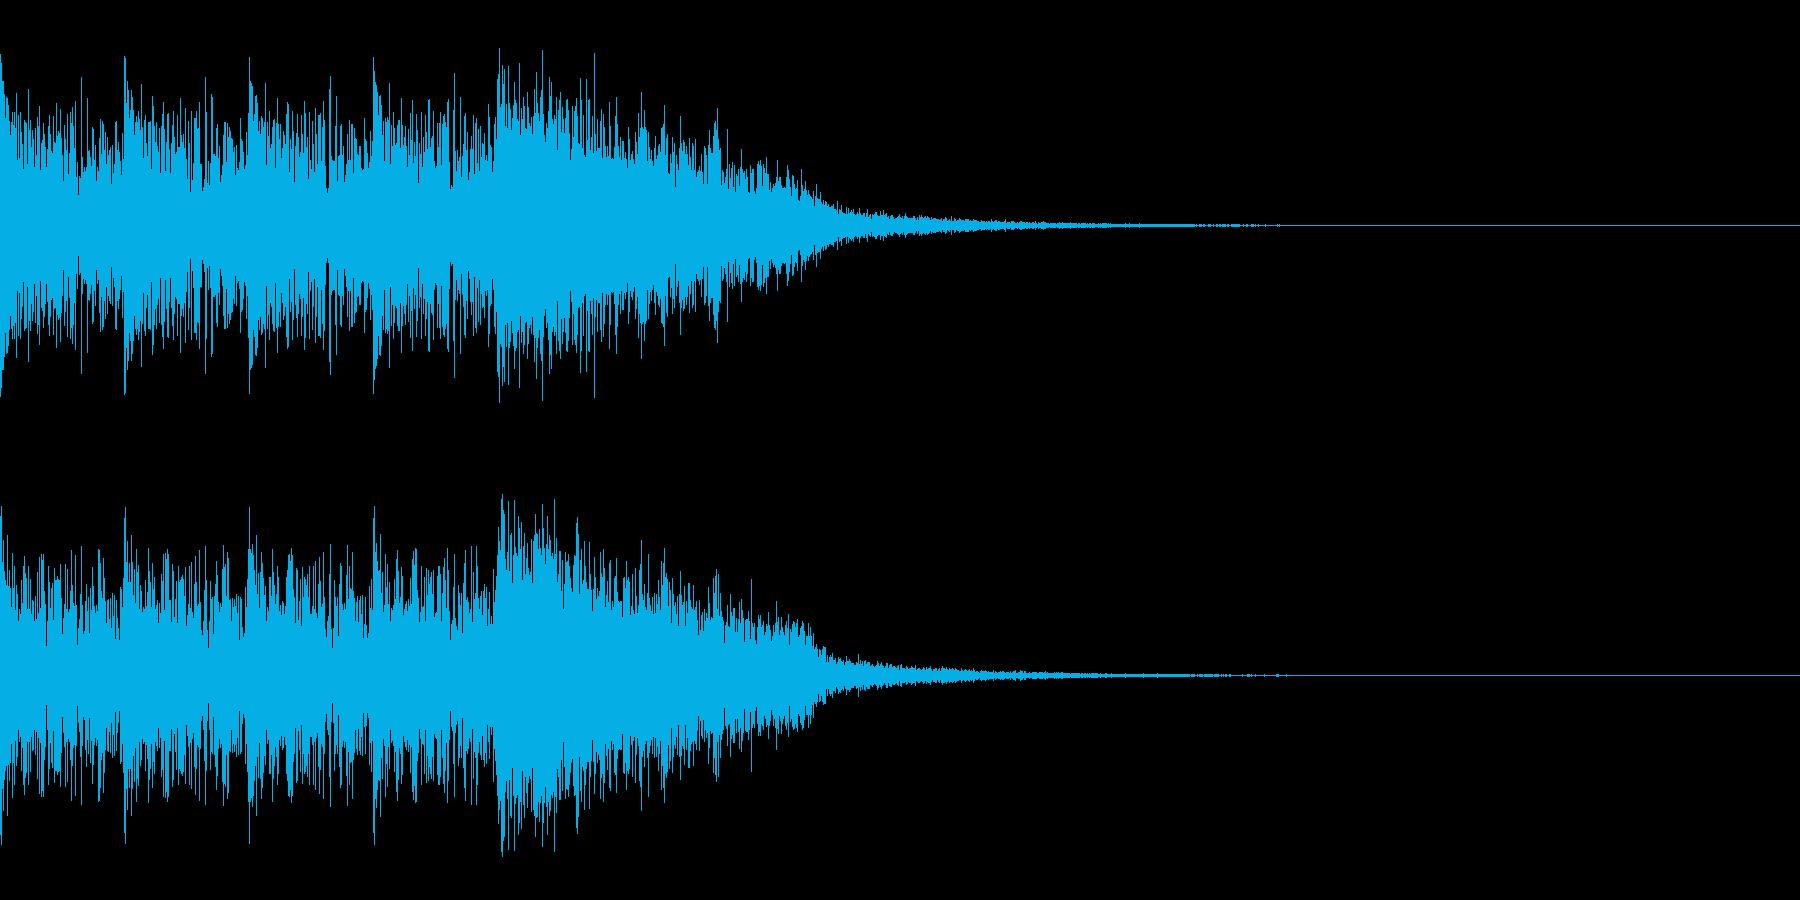 タイムアップ 約3秒 時計と効果音の再生済みの波形